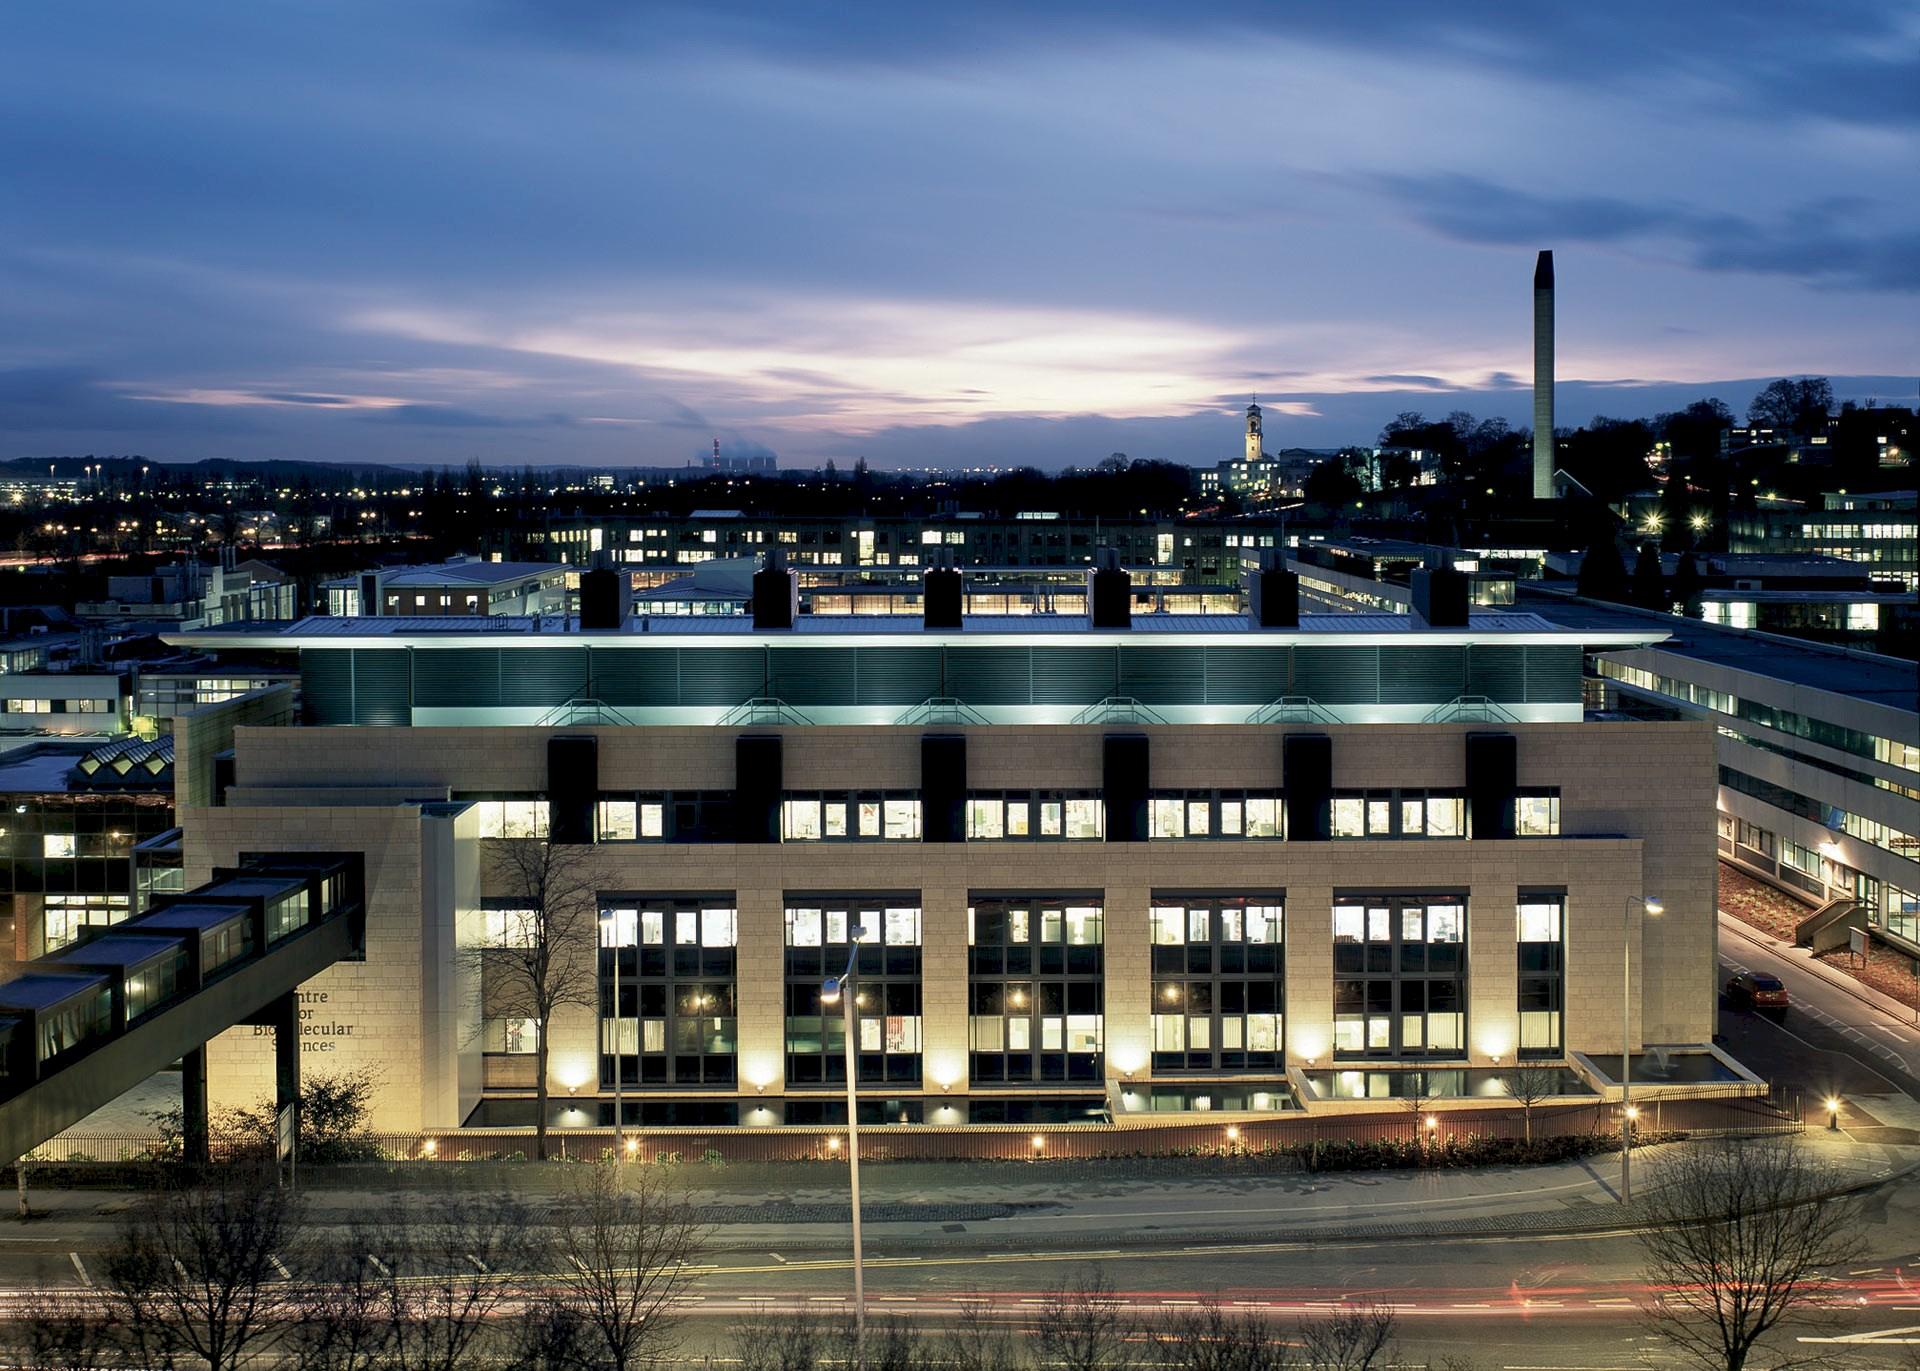 Biomolecular Sciences Building